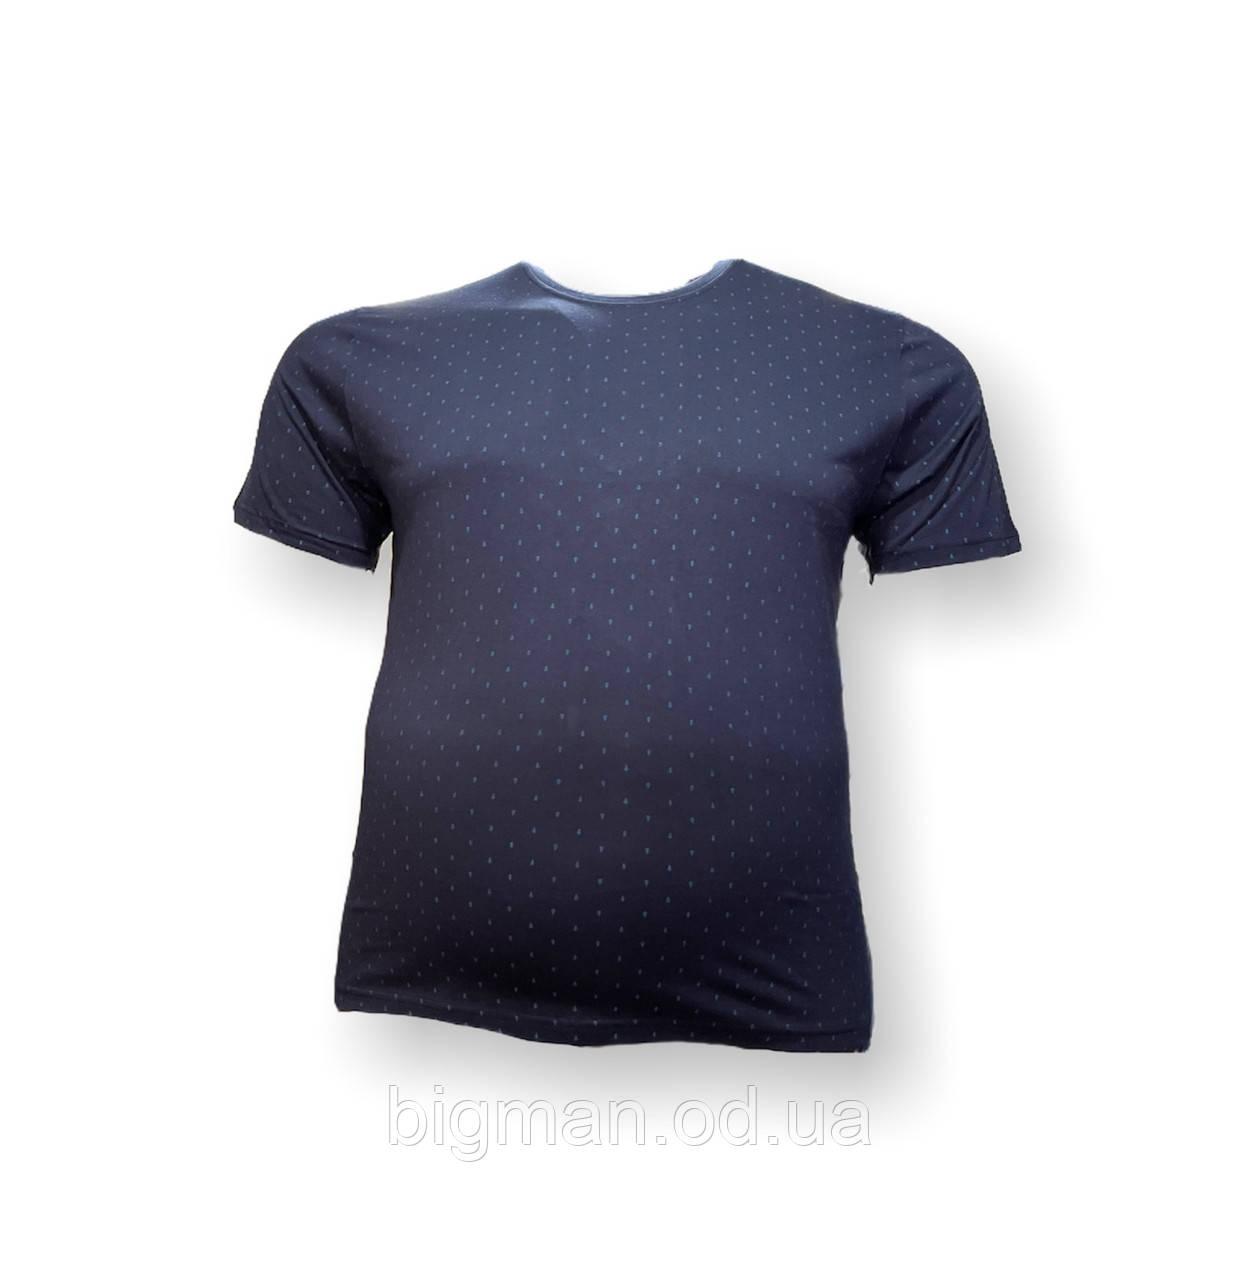 Чоловіча батальна футболка Borcan 12107 3XL 4XL 5XL 6XL темно-синя великі розміри Туреччина